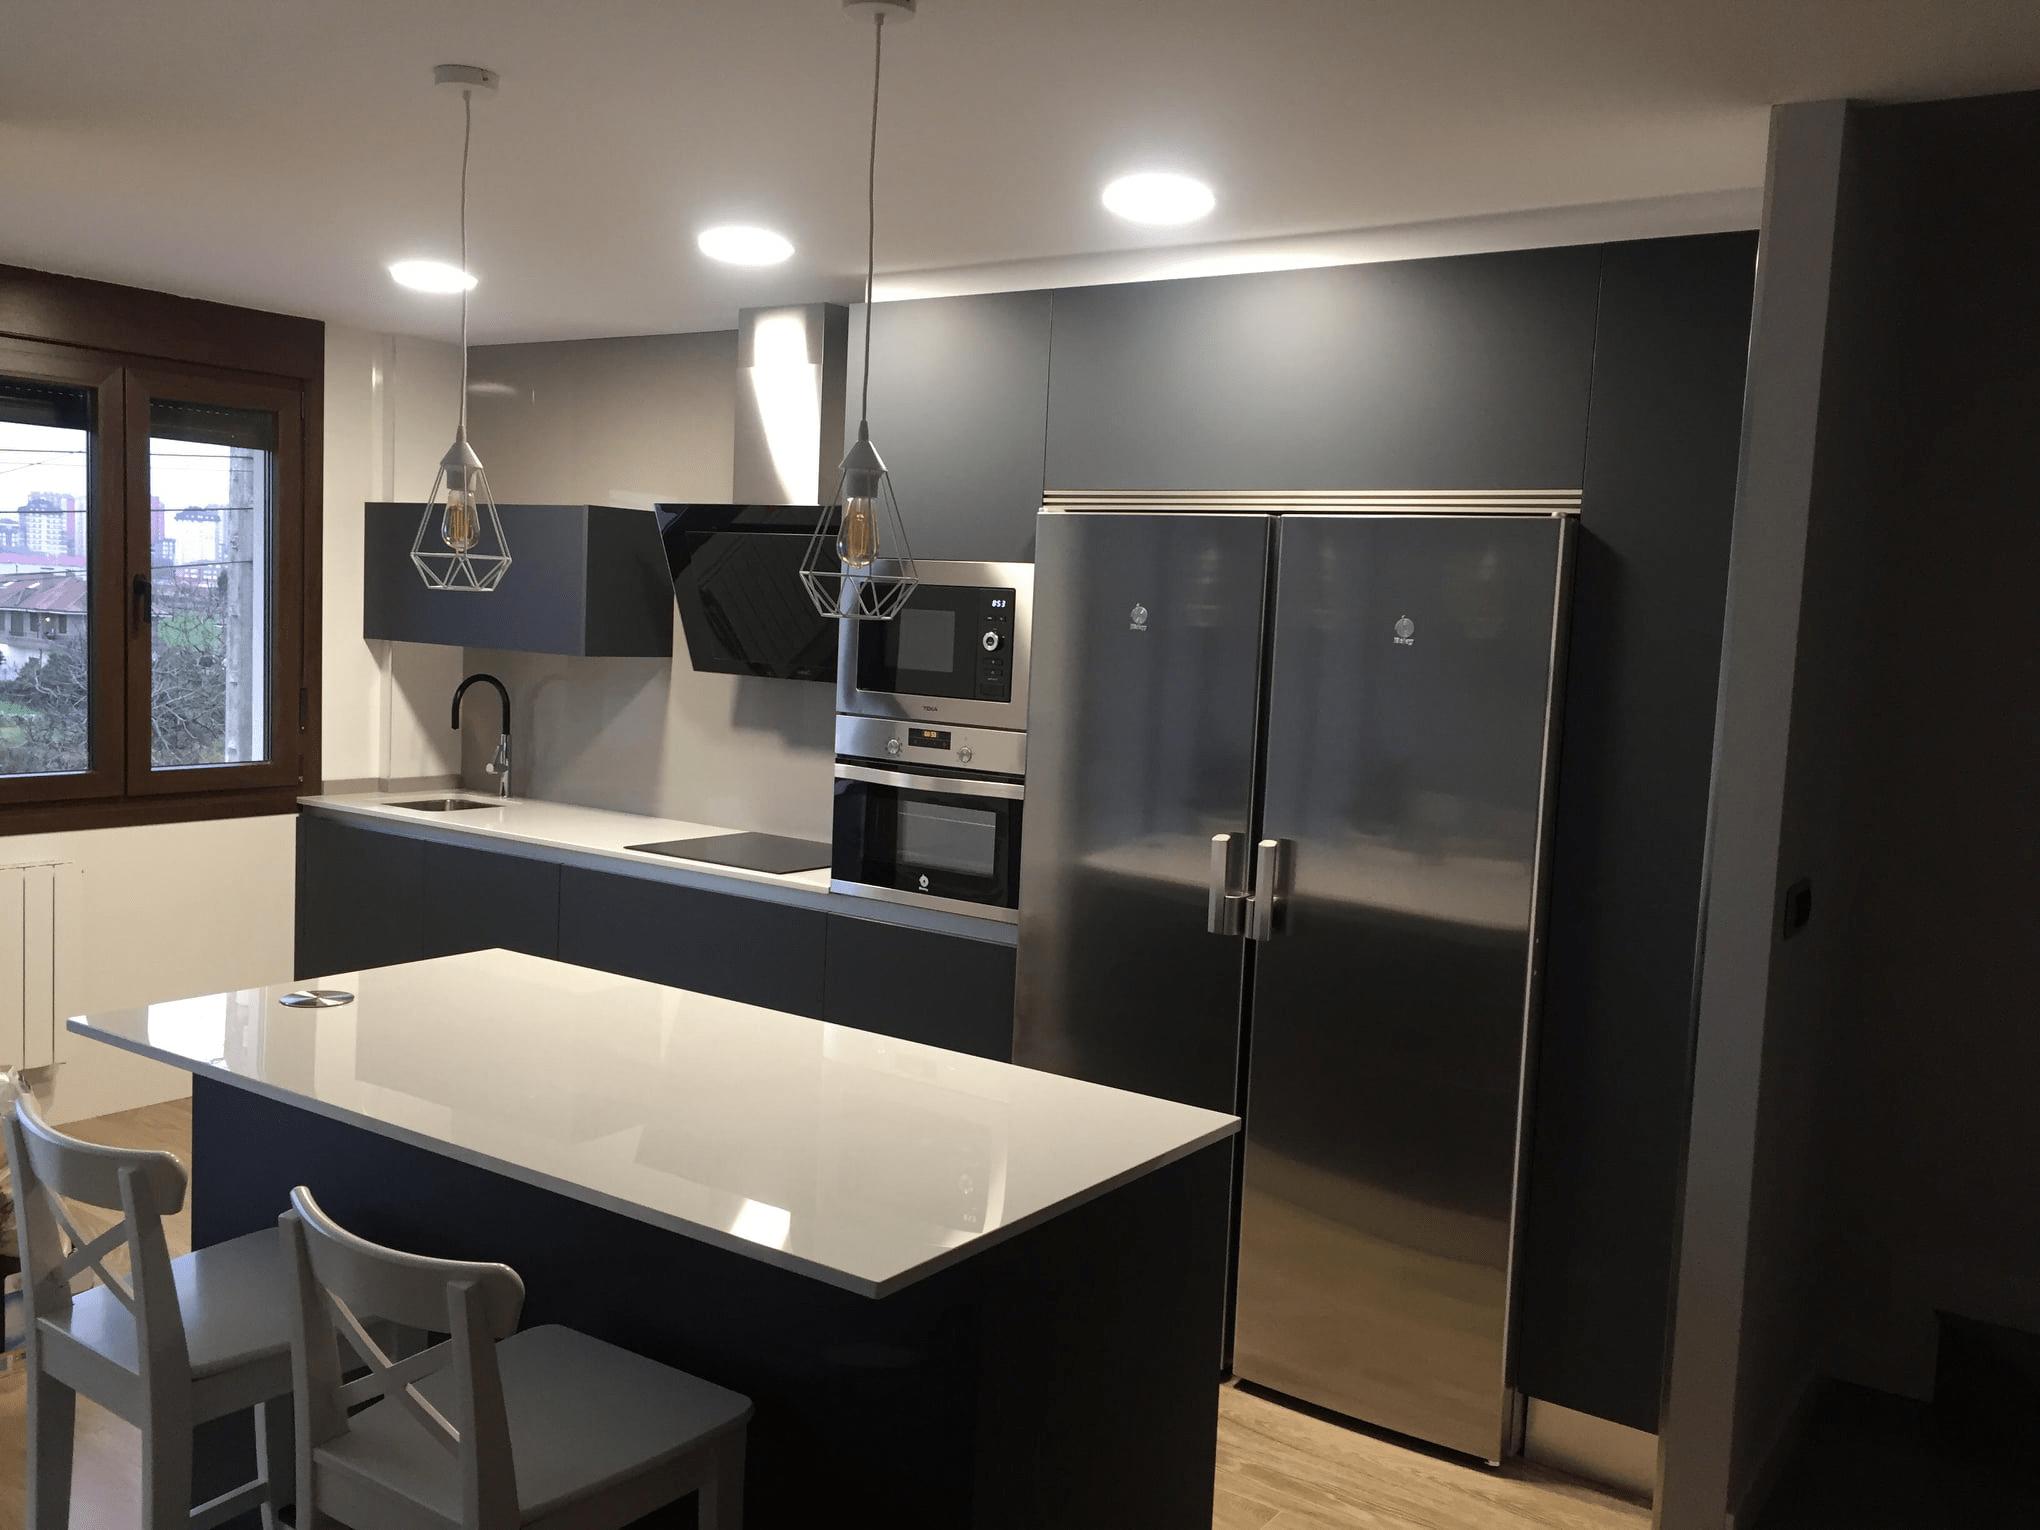 Haz de tu cocina tu estancia preferida en tu hogar - Elena Rodriguez, especialista en diseño e instalación de cocinas en Santander.